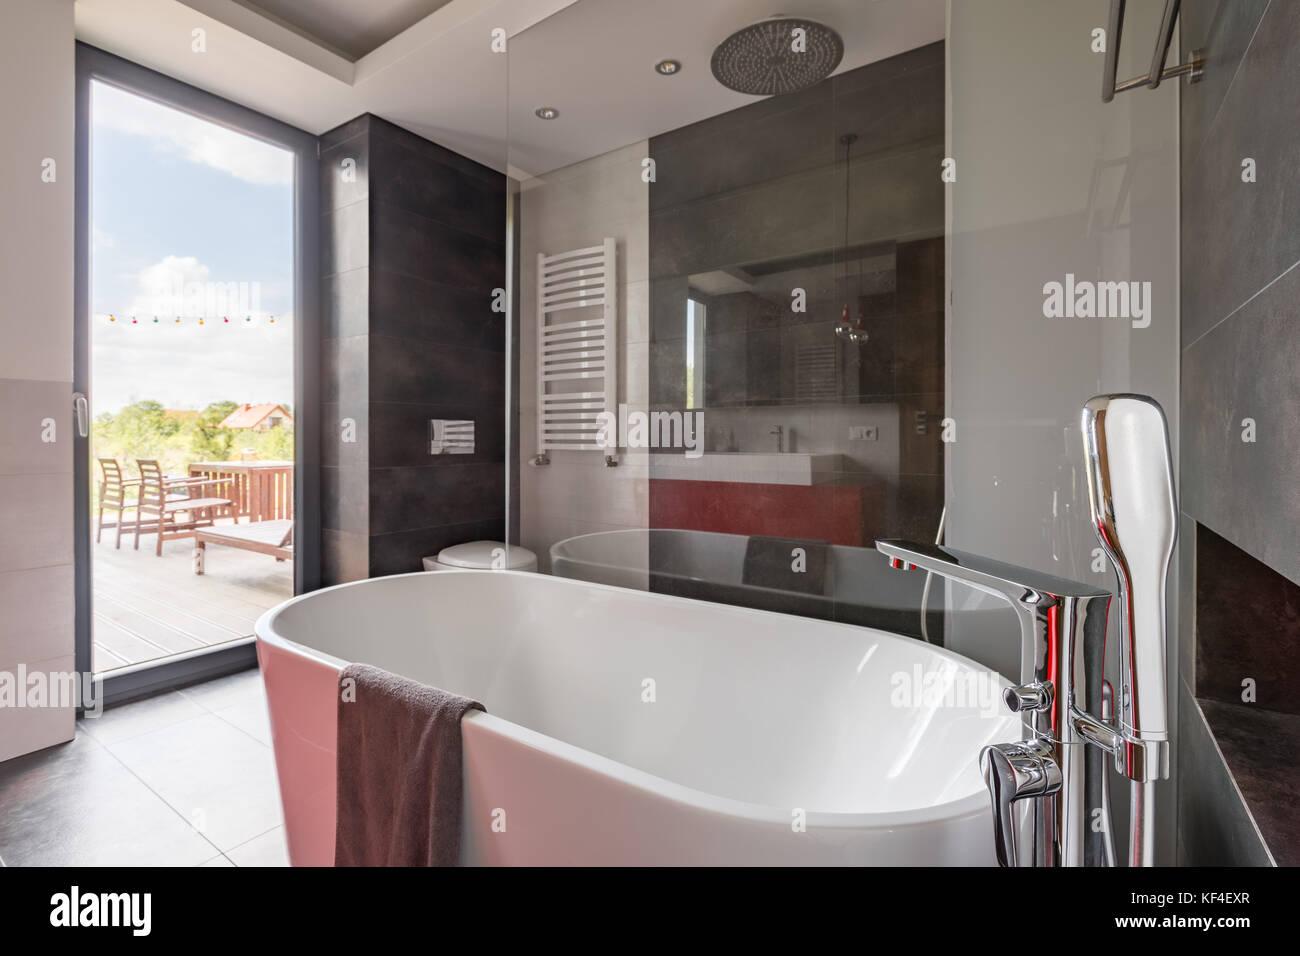 Vasca Da Bagno Enorme un lussuoso bagno con grande vasca da bagno e la porta del